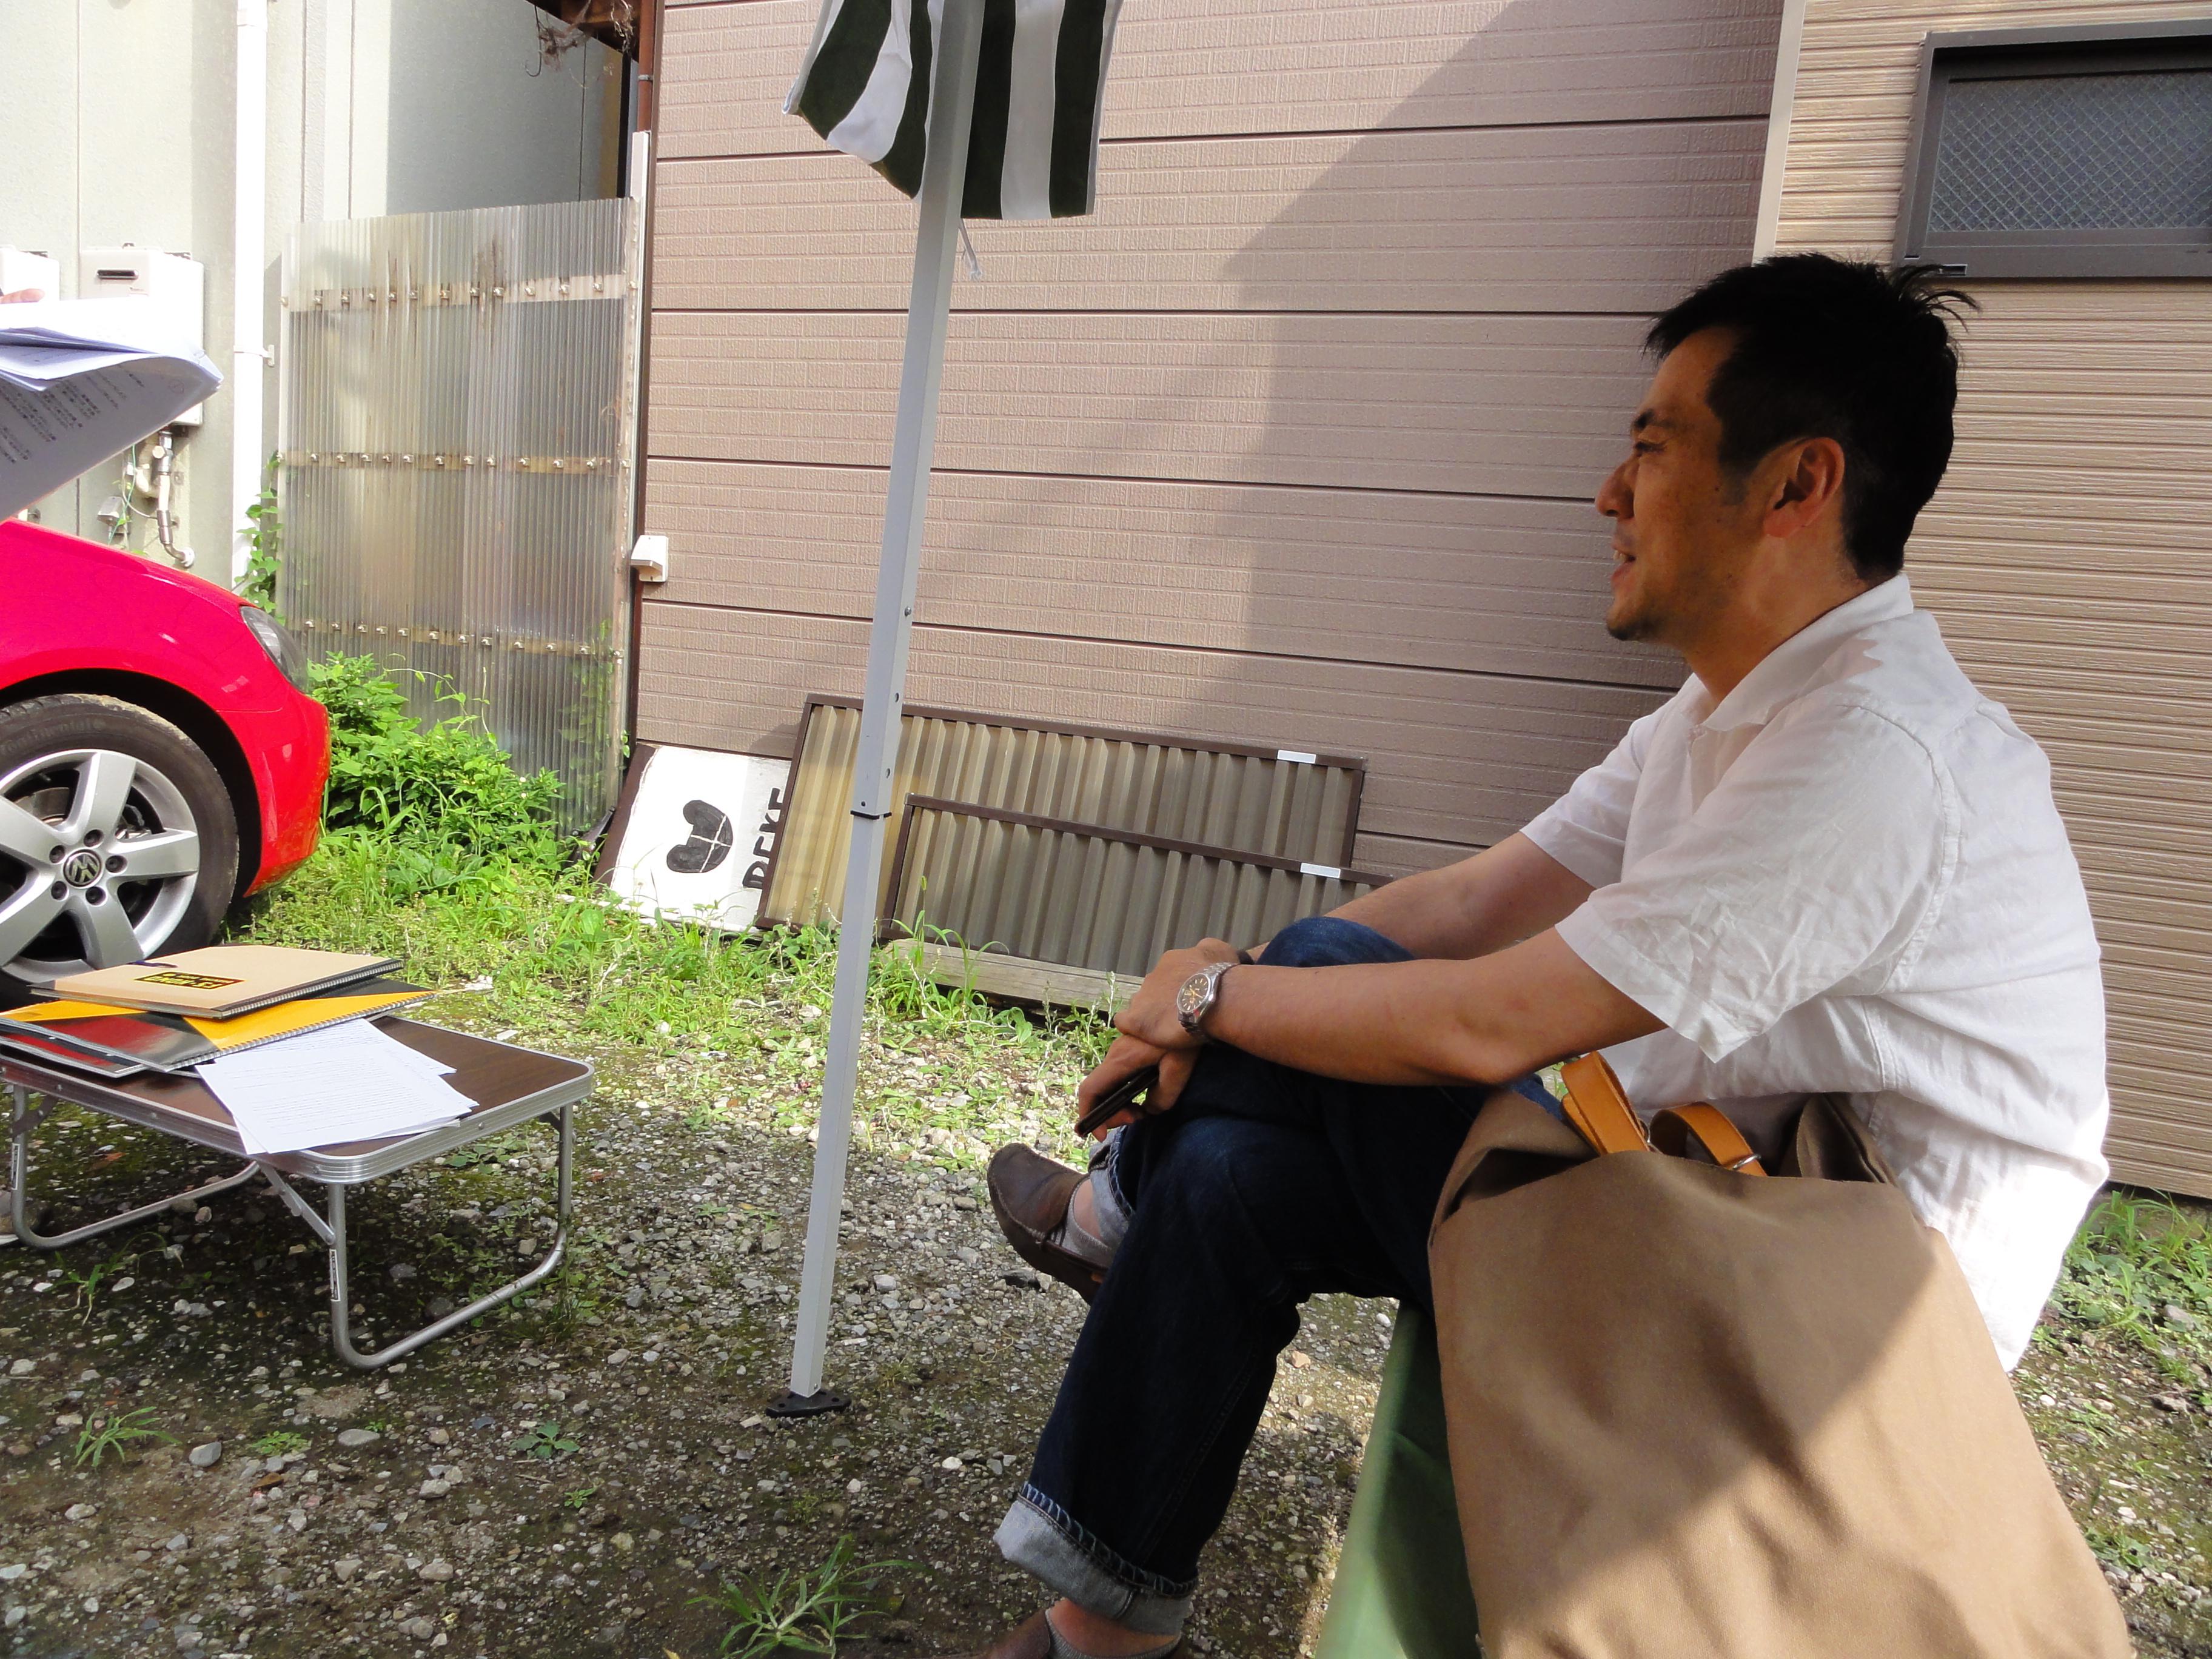 牧住さん自身、「貸はらっぱ音地」で催されるイベントを楽しむ参加者でもあります。